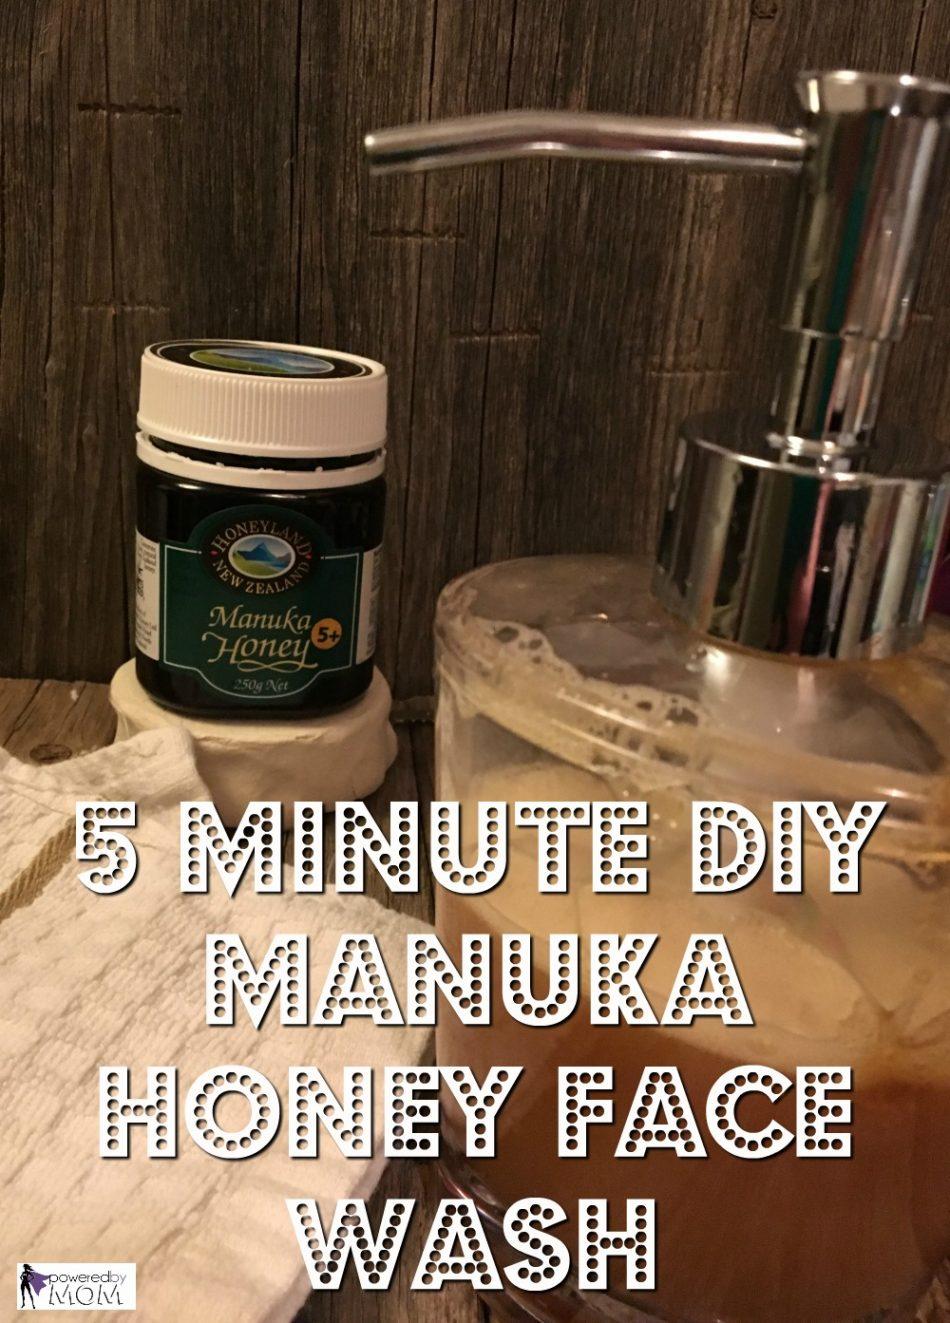 Manuka face wash